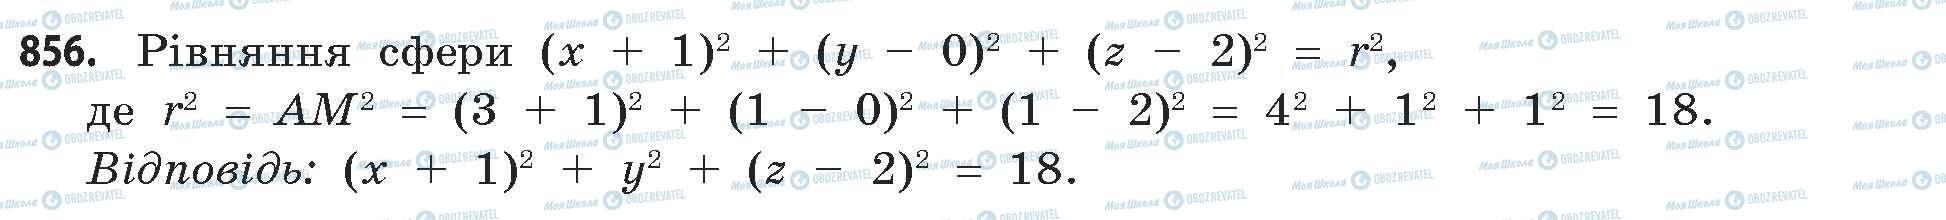 ГДЗ Математика 11 класс страница 856